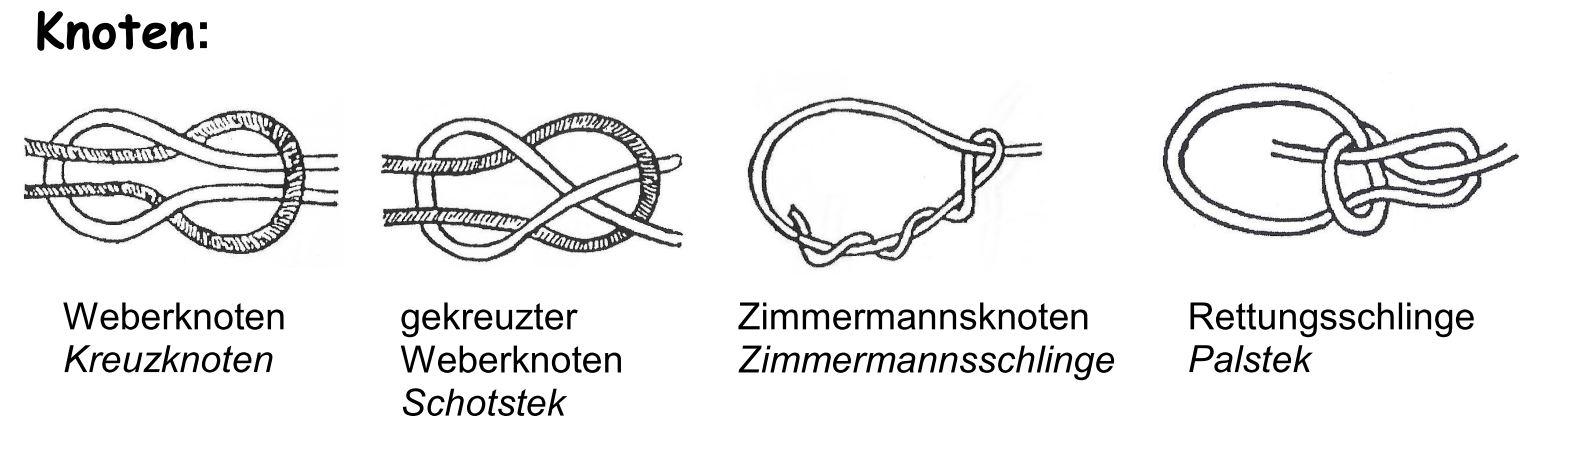 Knotenübersicht